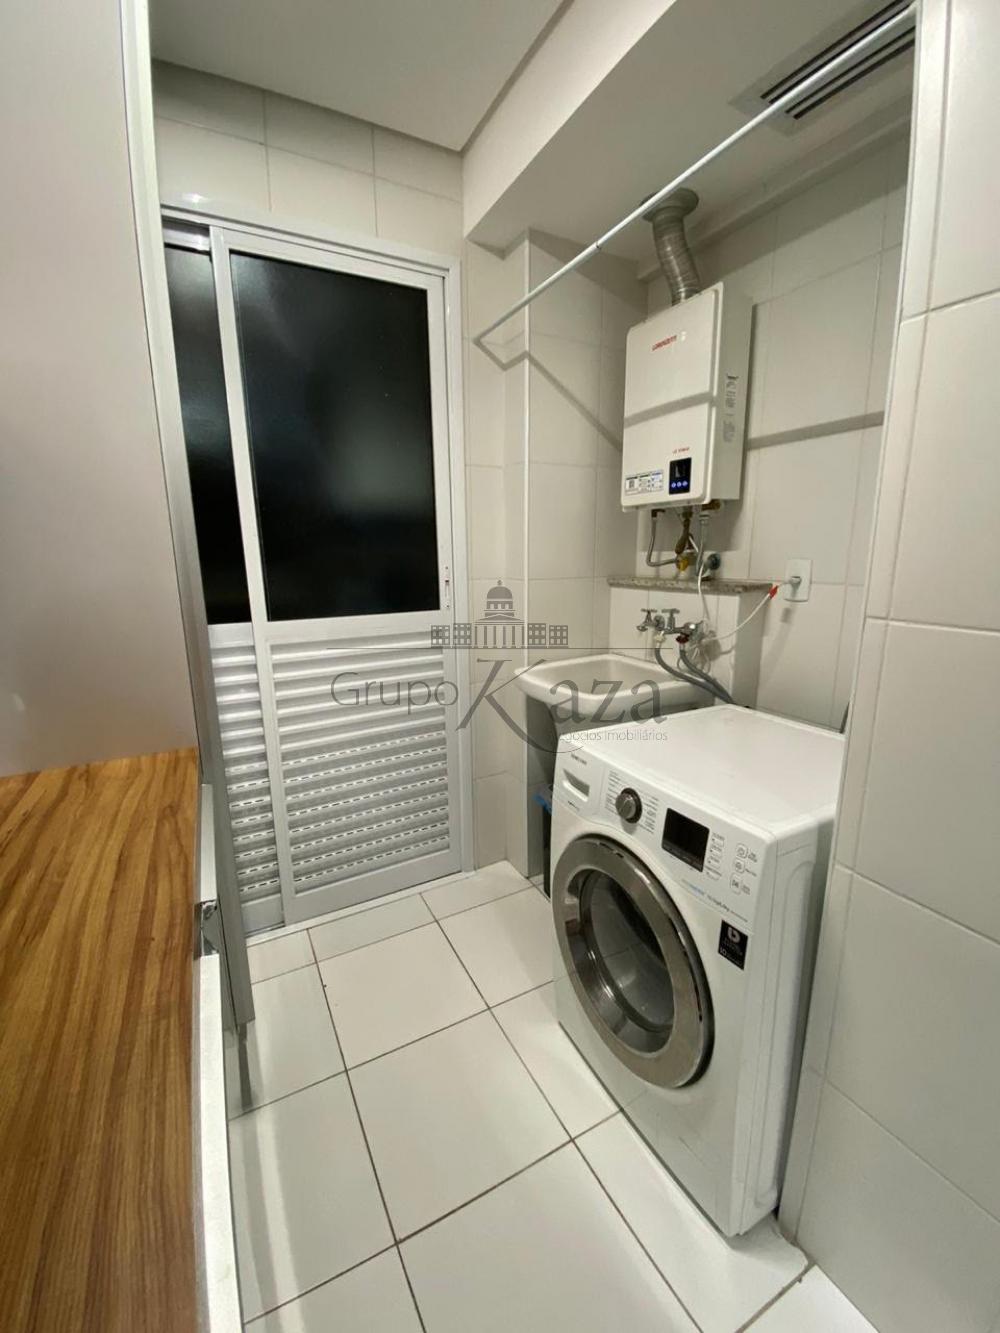 Comprar Apartamento / Padrão em São José dos Campos R$ 690.000,00 - Foto 19